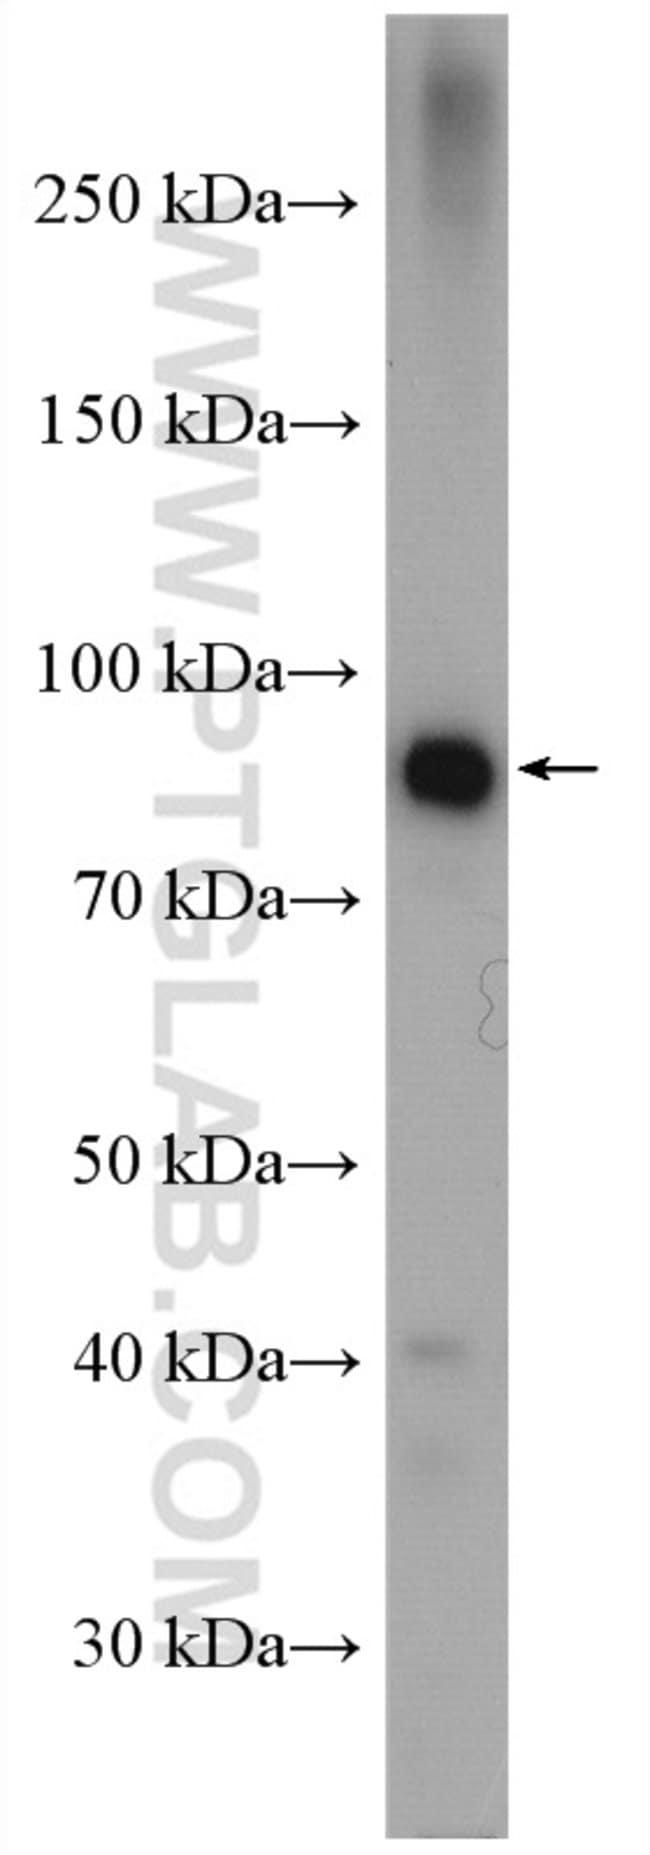 GYS2 Rabbit anti-Human, Mouse, Rat, Polyclonal, Proteintech 150 μL; Unconjugated voir les résultats